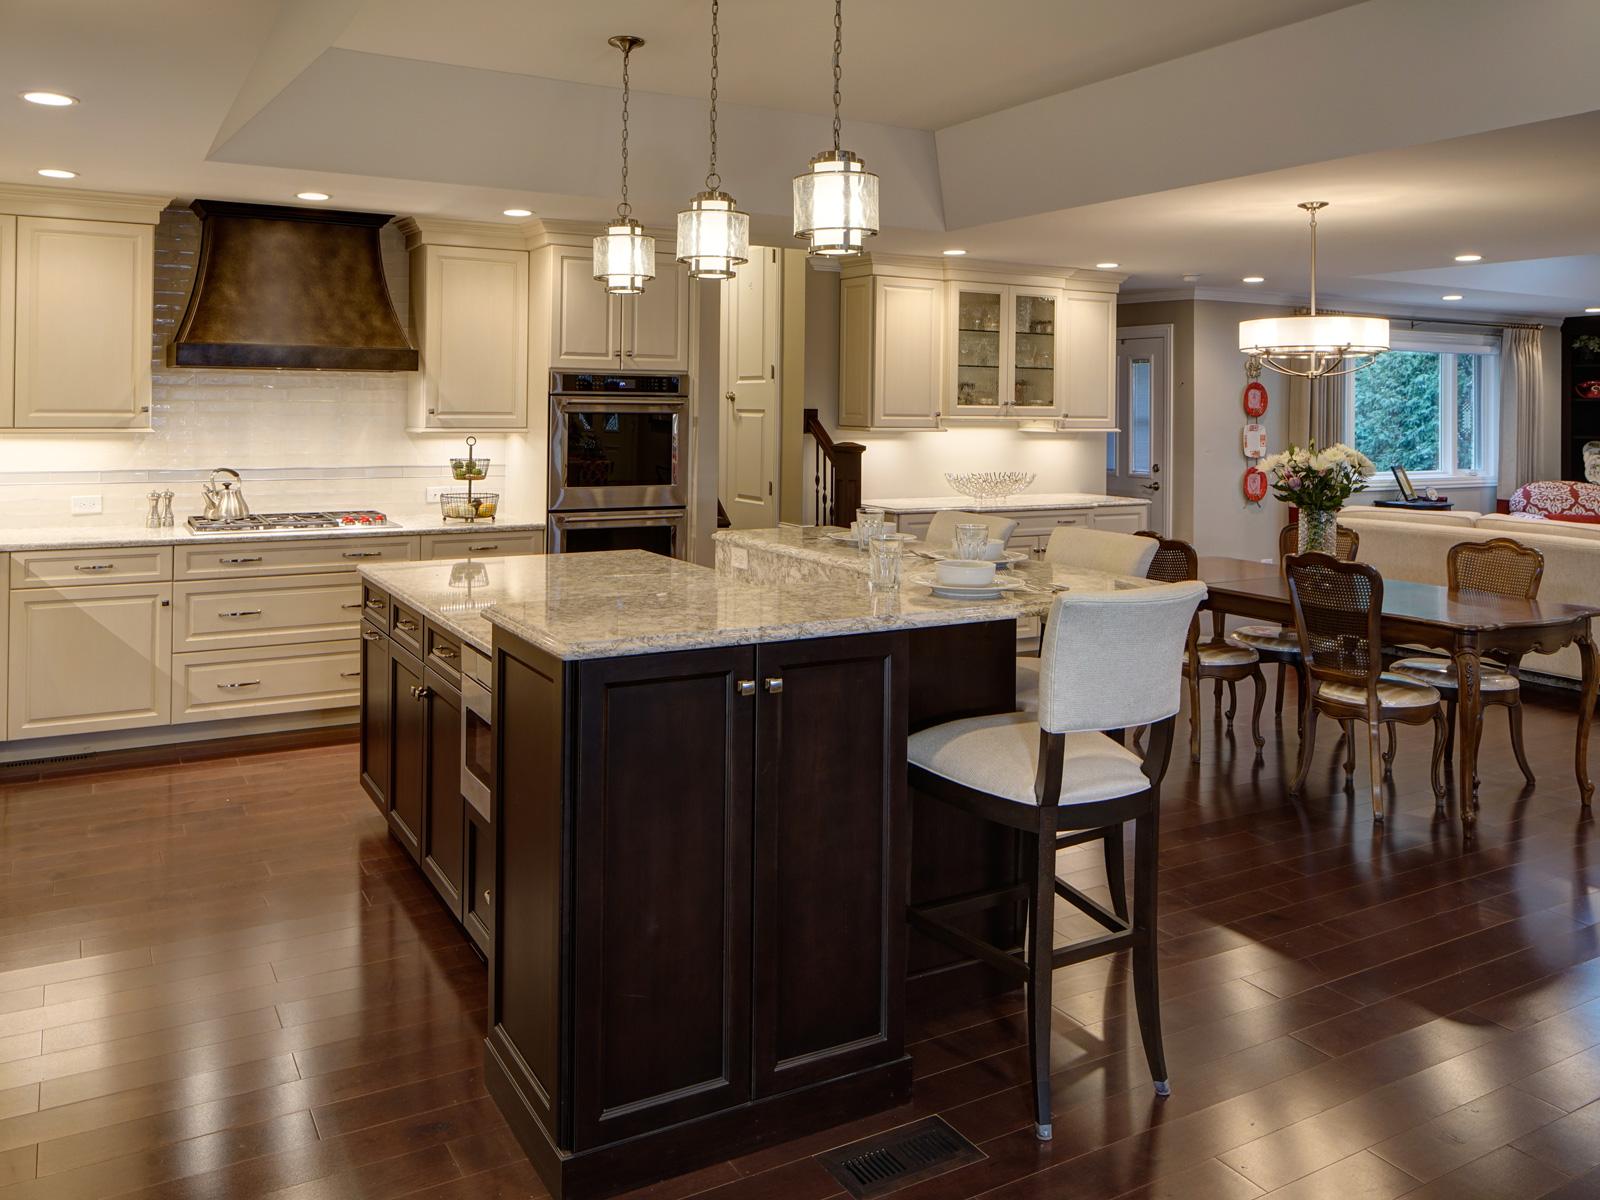 Bronzework-Studio-Drury-Design-Tradtional-Kitchen-2-1600x1200-d